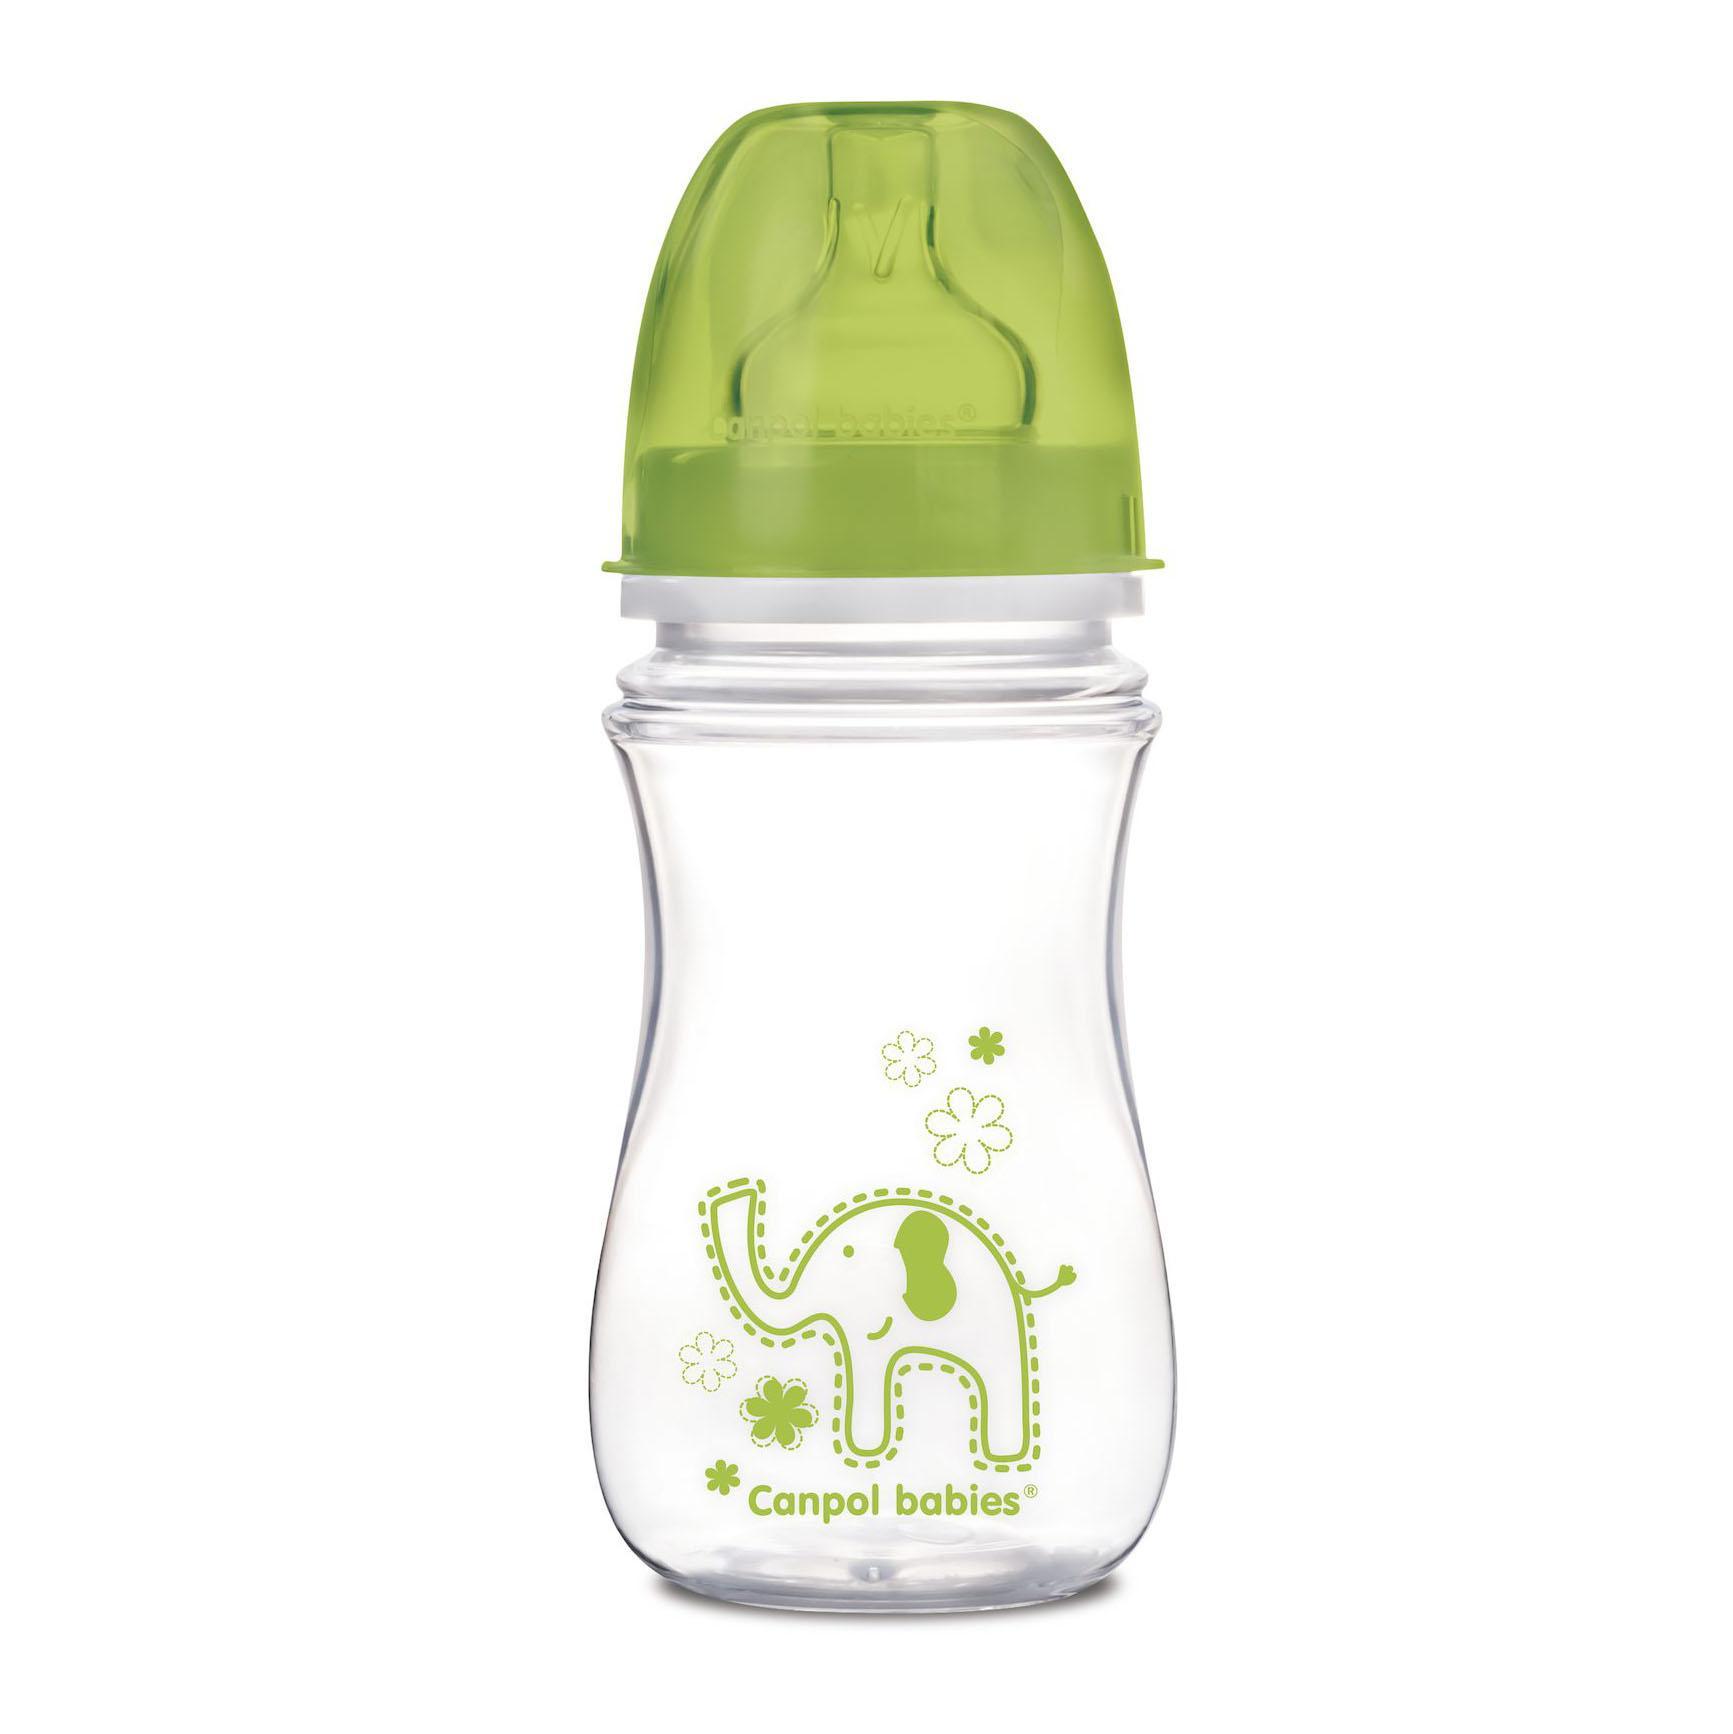 Купить Бутылочка Canpol EasyStart Colourful animals с широким горлом, антиколиковая, PP, 3+ мес., 240 мл, 35/206, зеленая, Китай